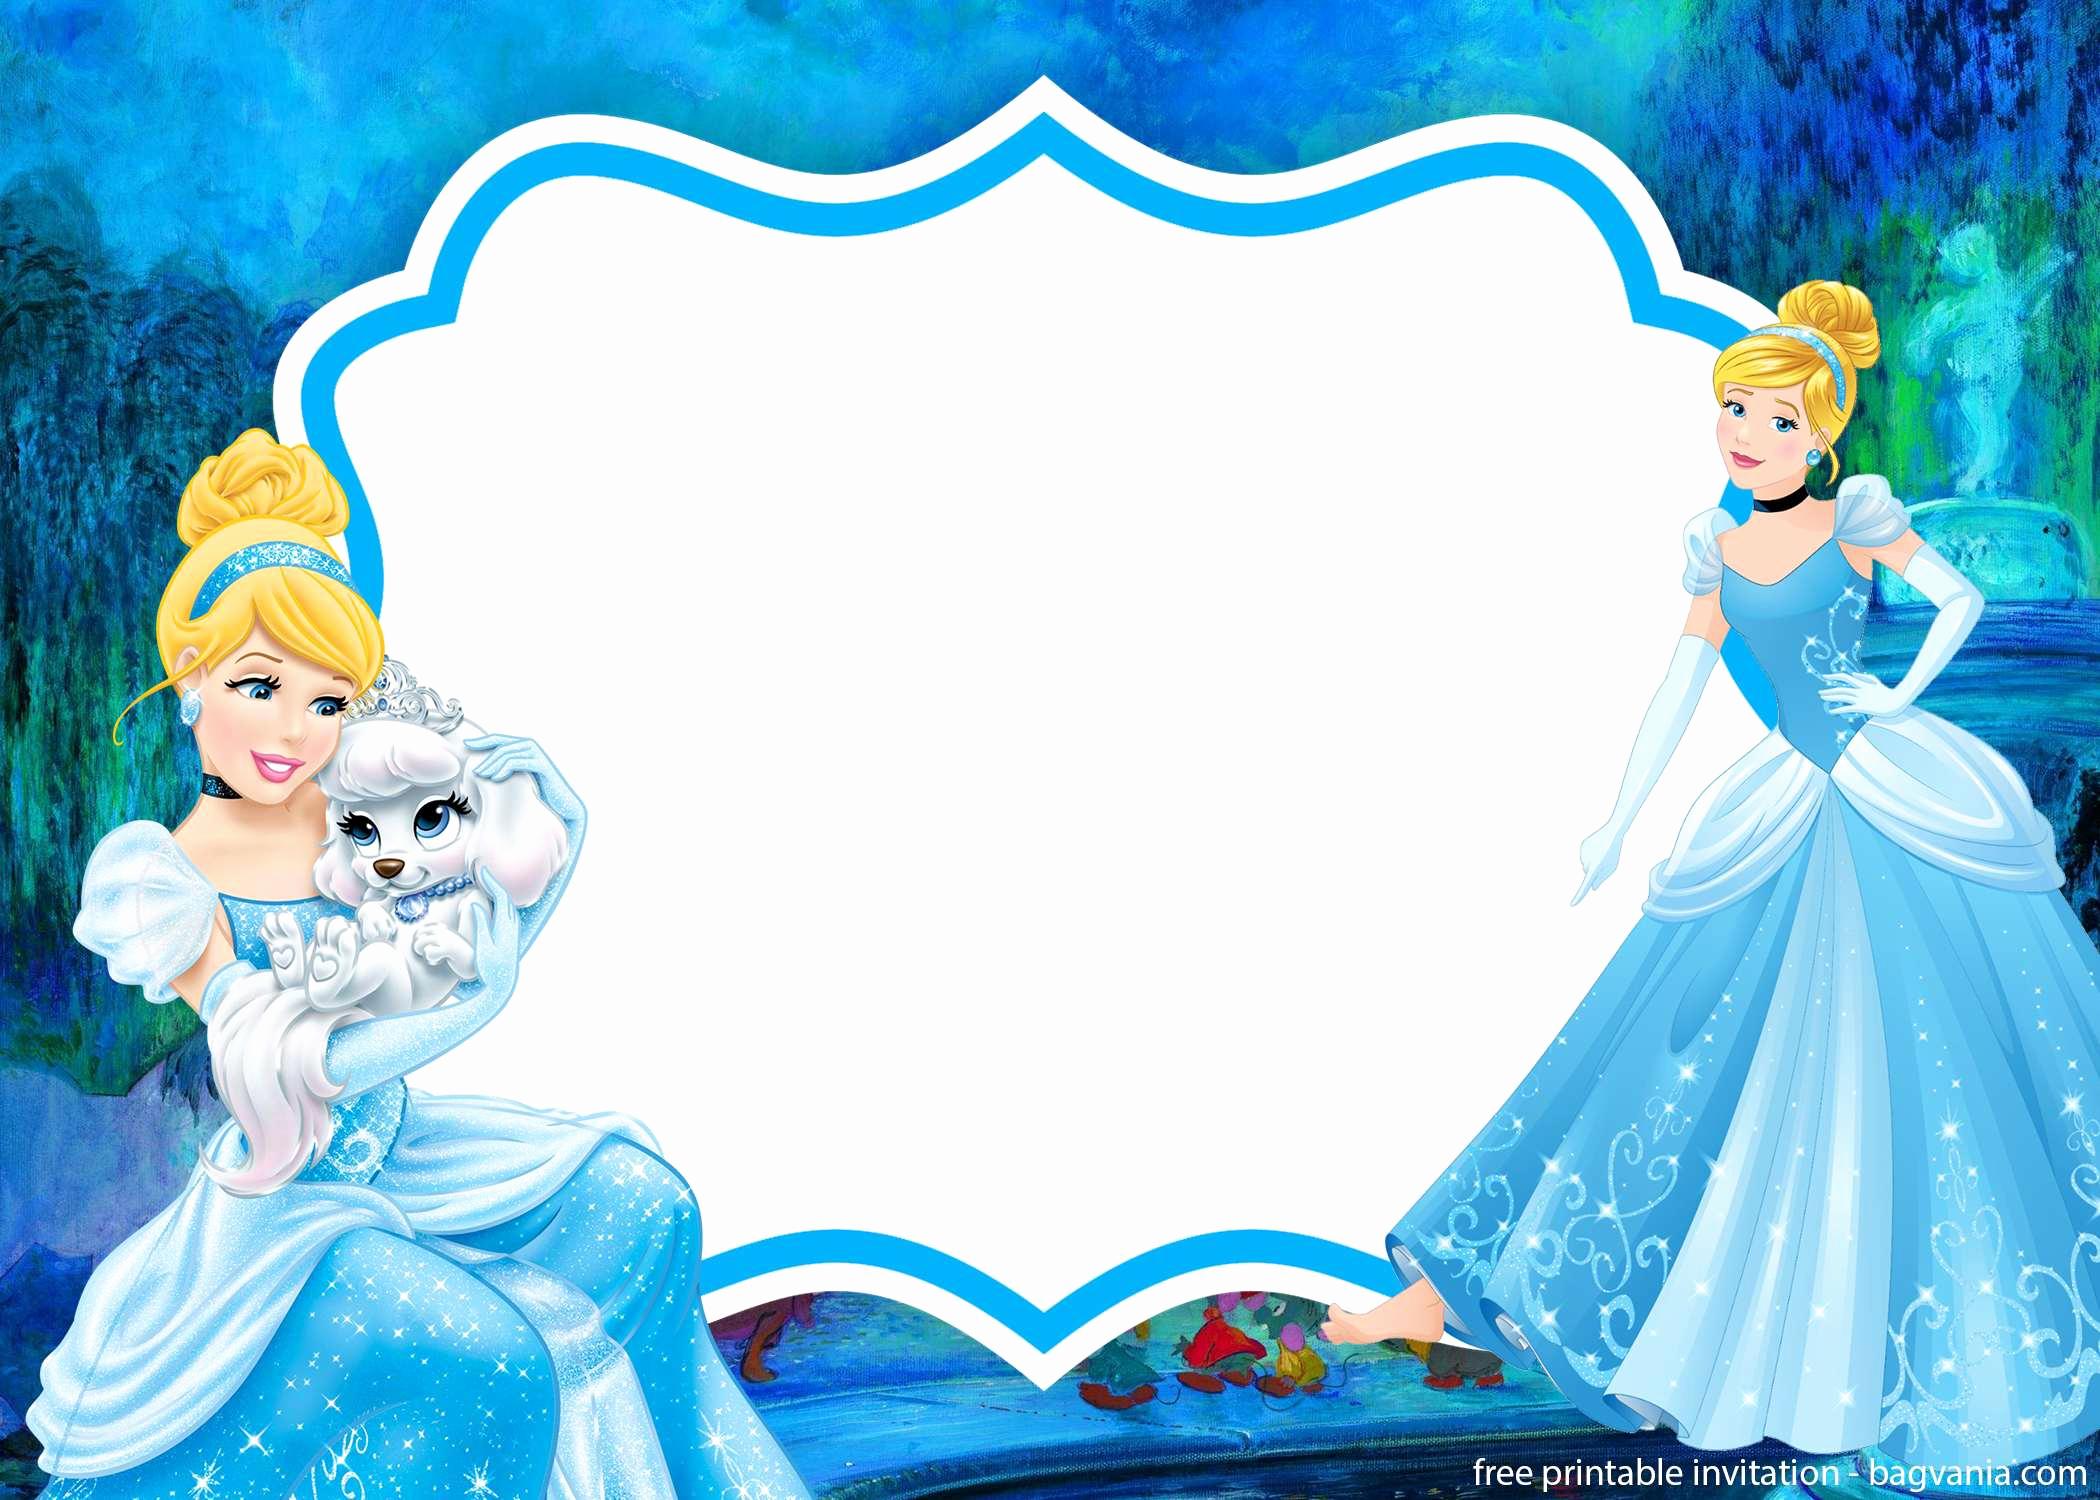 Cinderella Invitation Template Free Luxury Free Printable Cinderella Invitation Template – Free